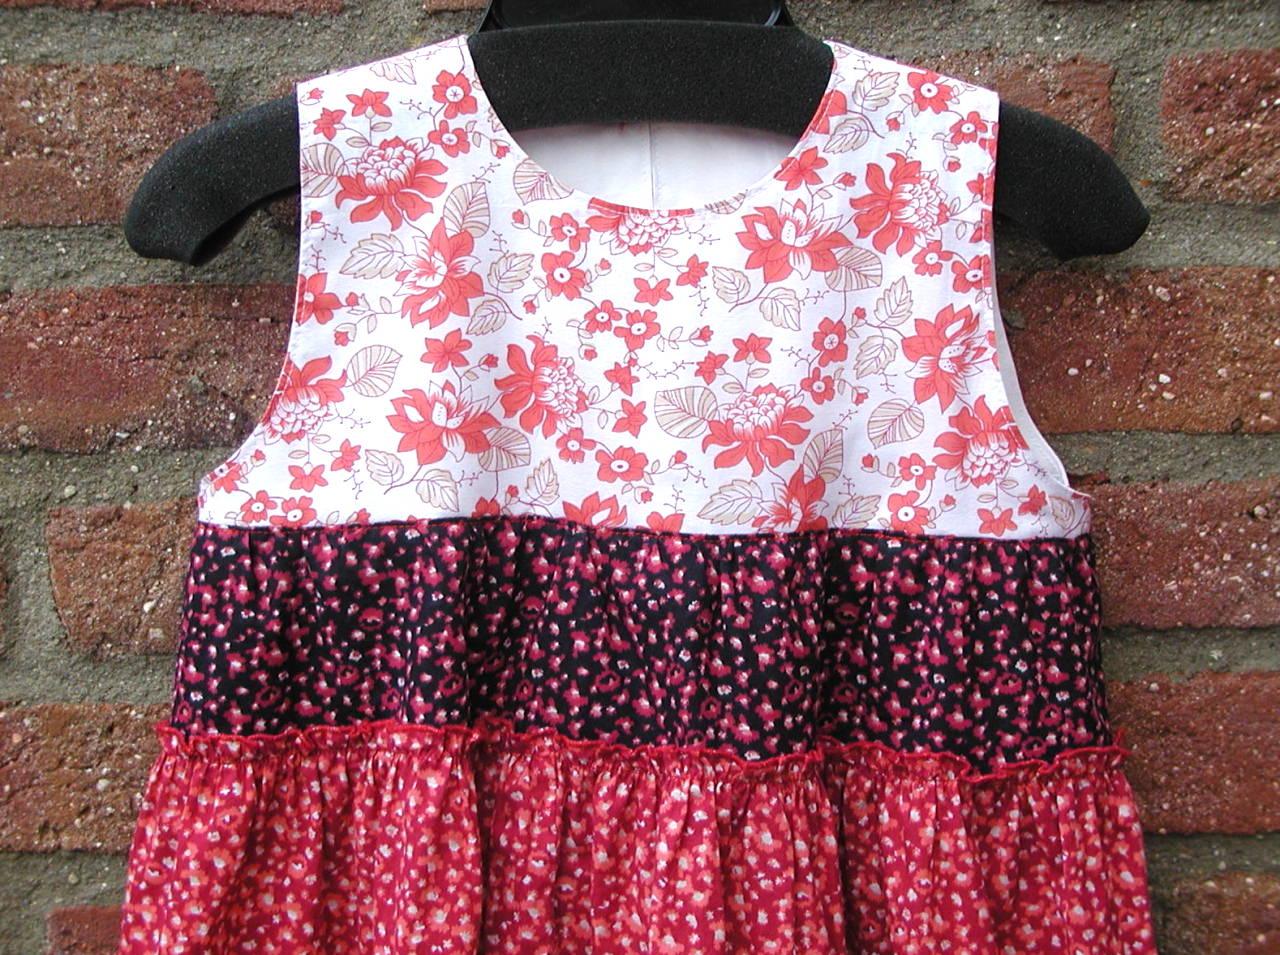 Kleinesbild - Mädchen Kleid  TAUSEND BLÜMCHEN  Gr. 122/128 rot weiß schwarz Baumwolle Blumen ärmellos luftig romantisch